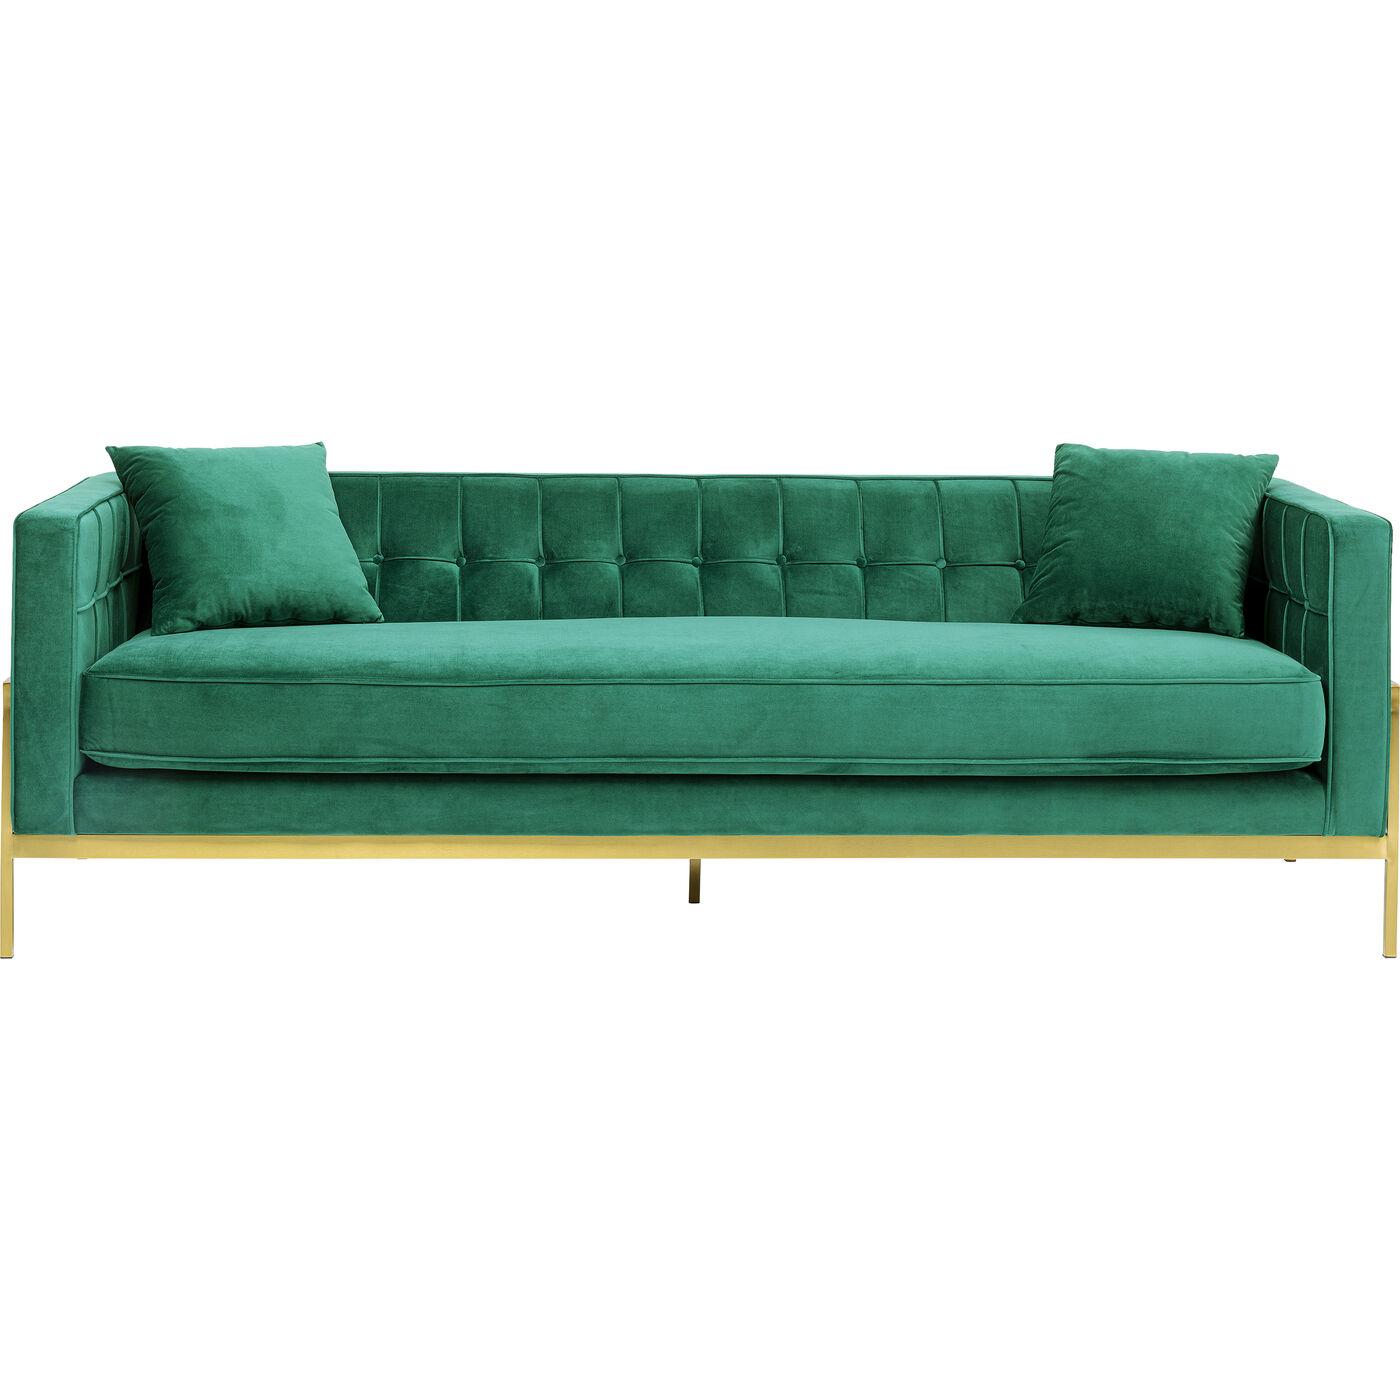 Sofa Loft Grün 3-Sitzer